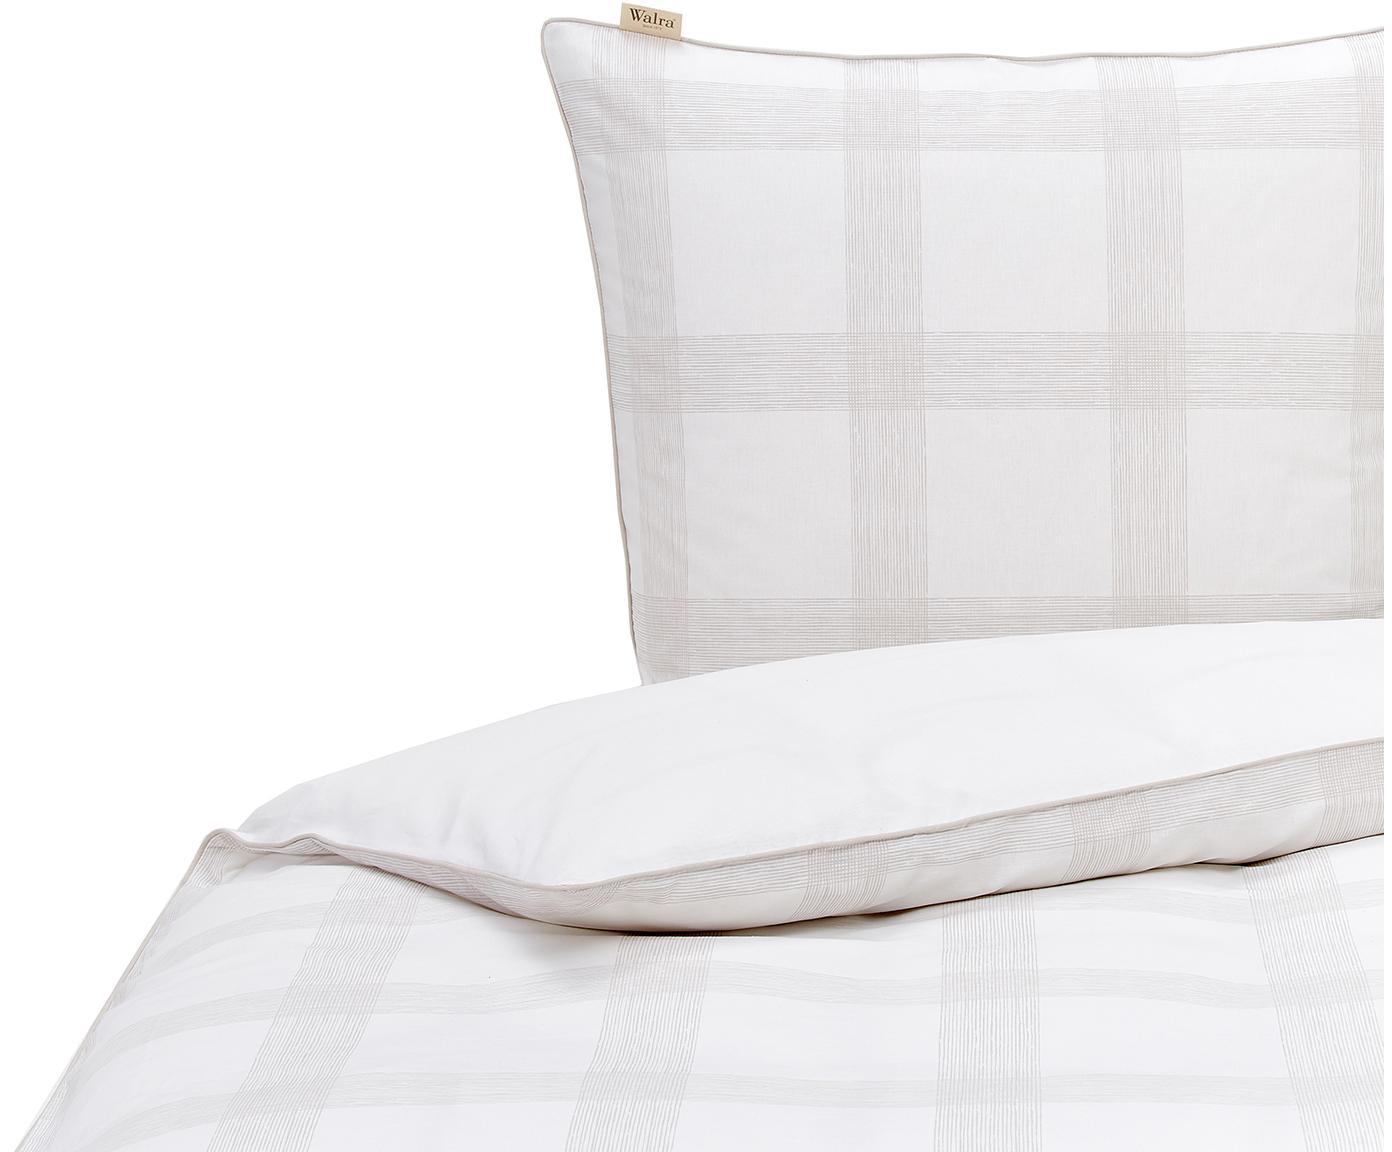 Pościel z bawełny renforcé Square Nights, Biały, beżowy, 135 x 200 cm